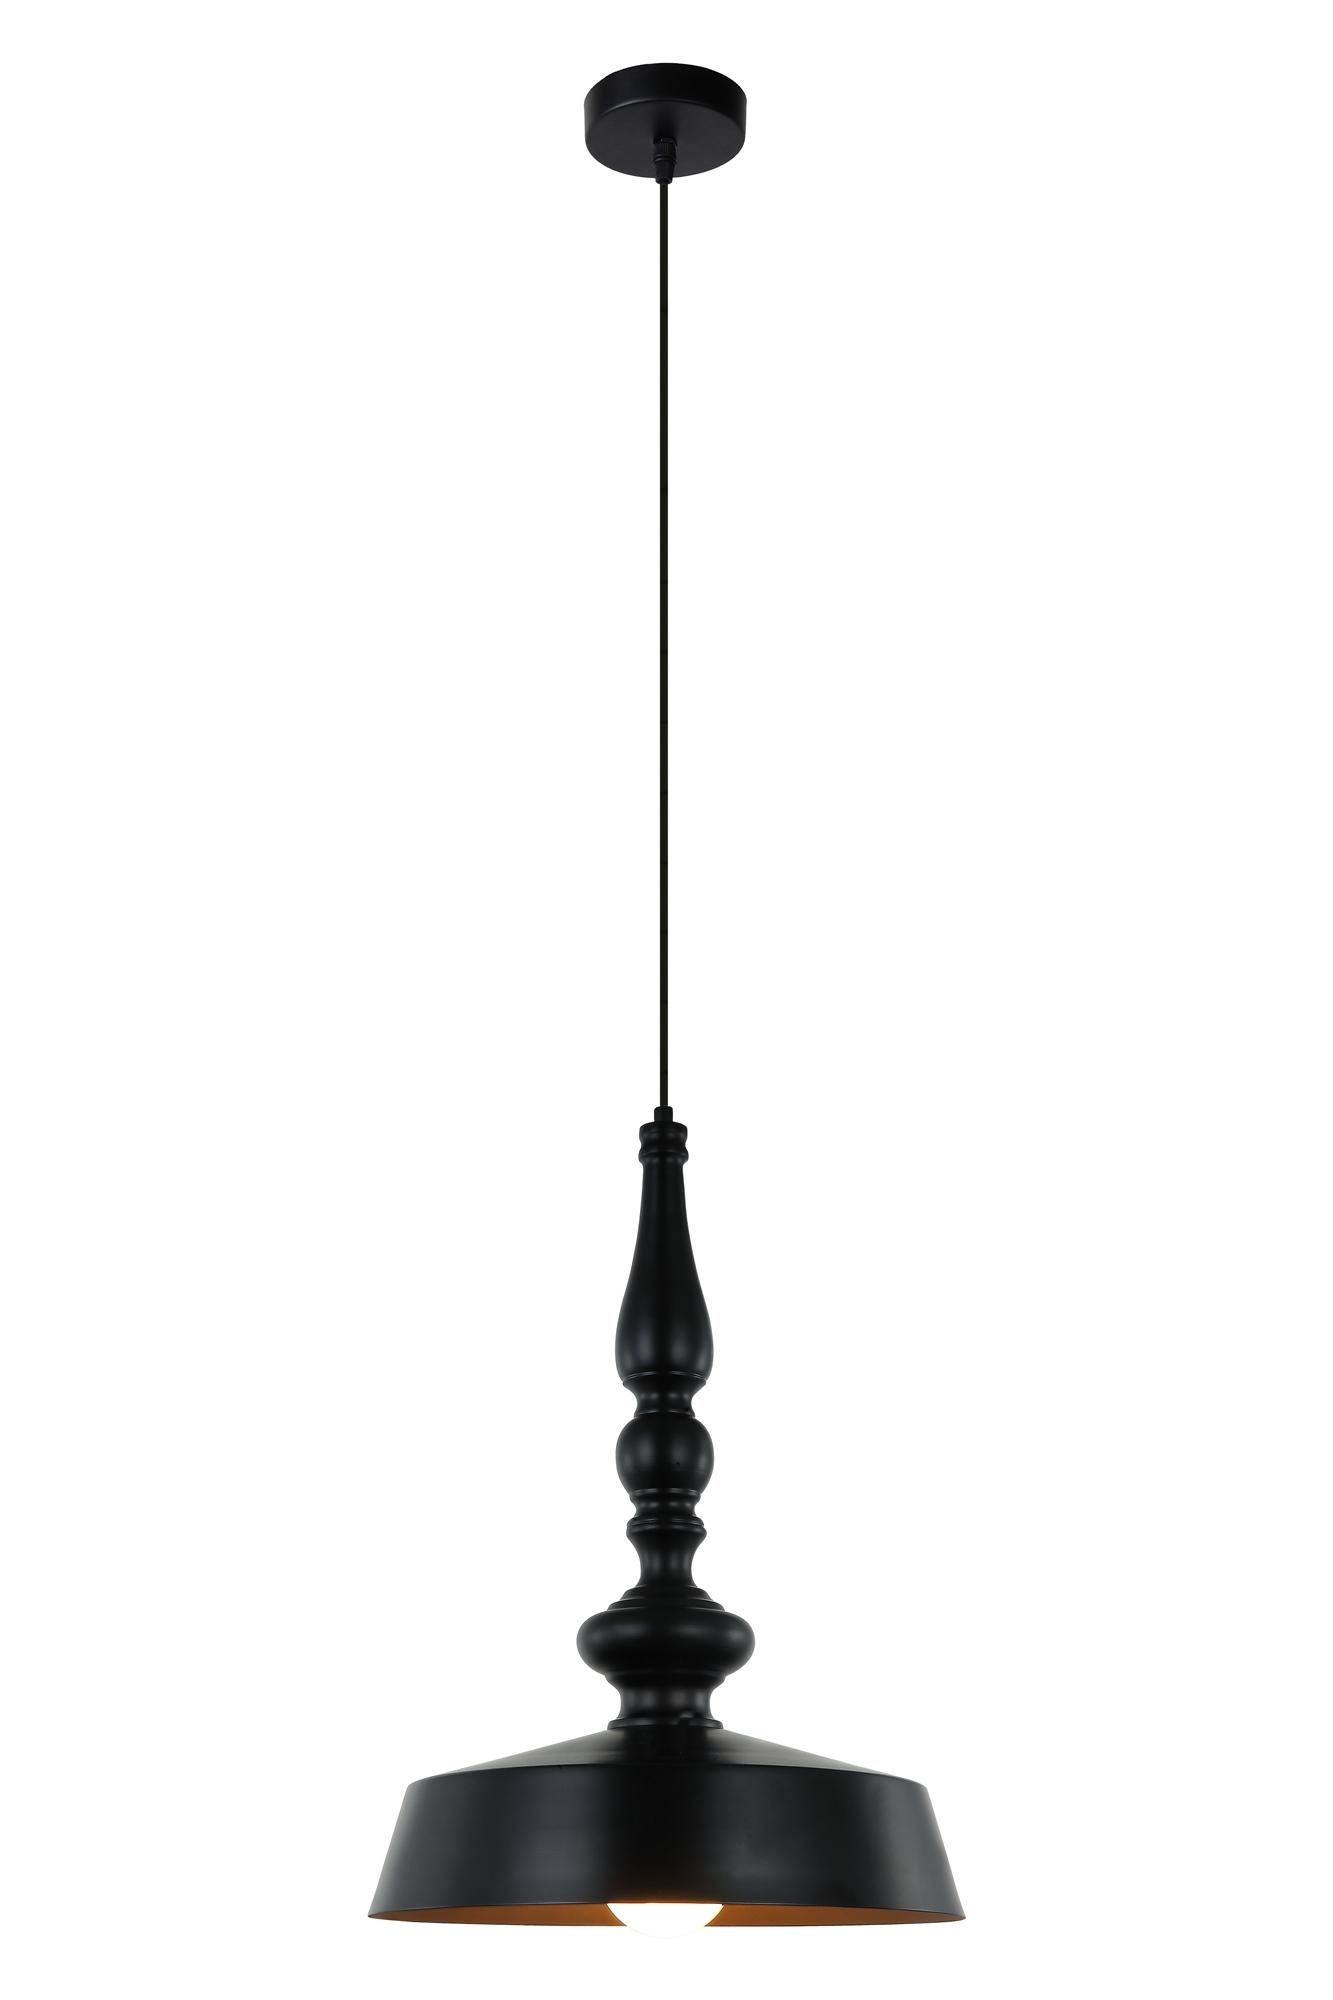 Lampenlux Hängeleuchte Thea Schwarz/Gold Pendellampe E27 40W